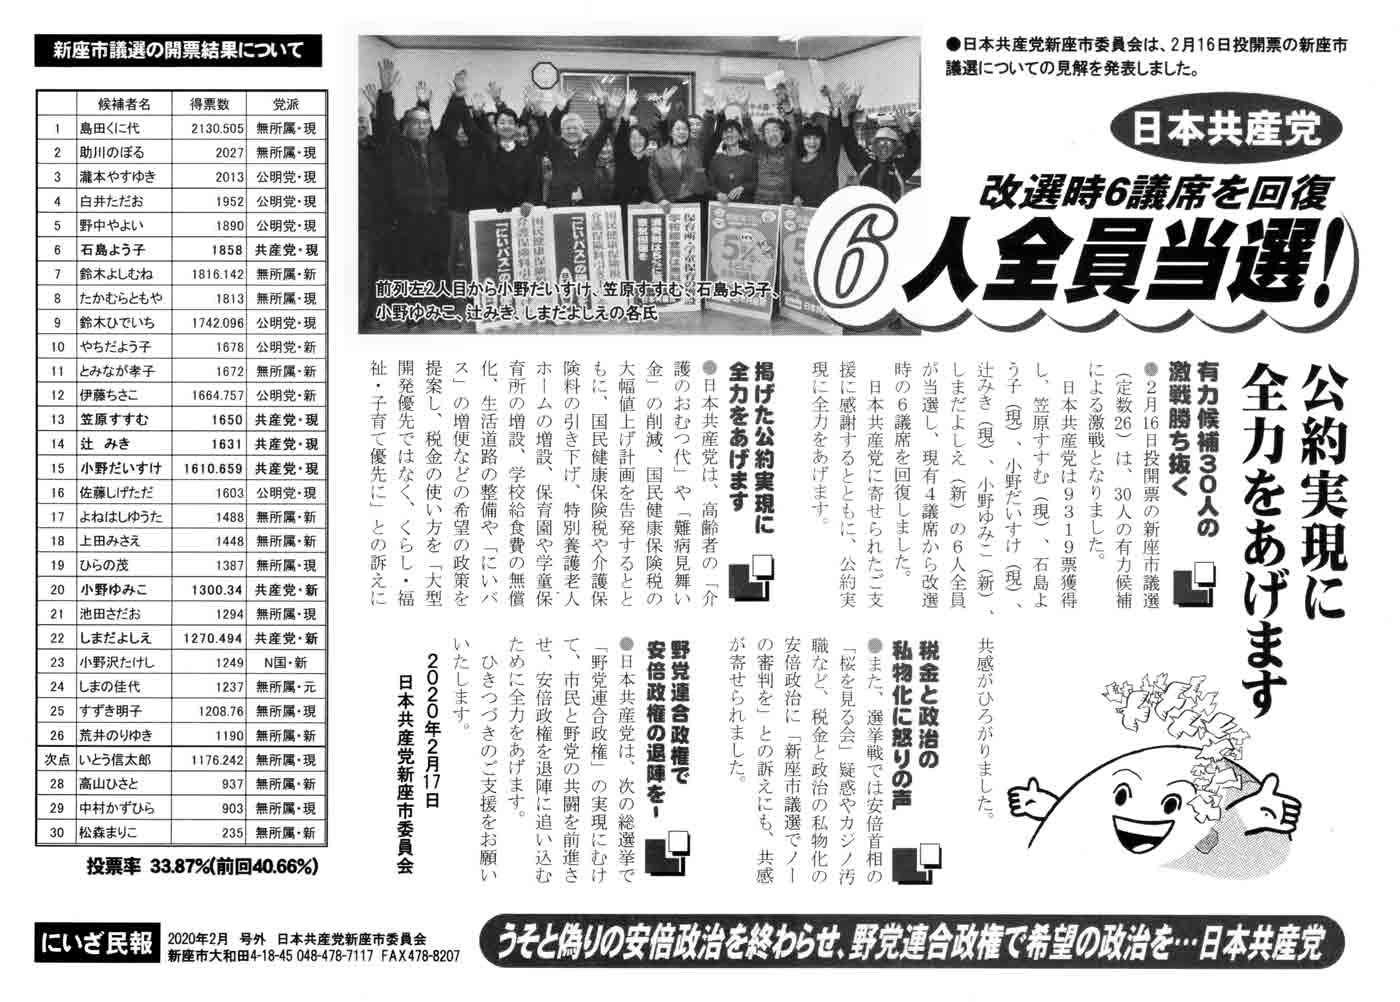 にいざ民報 2020年2月 号外